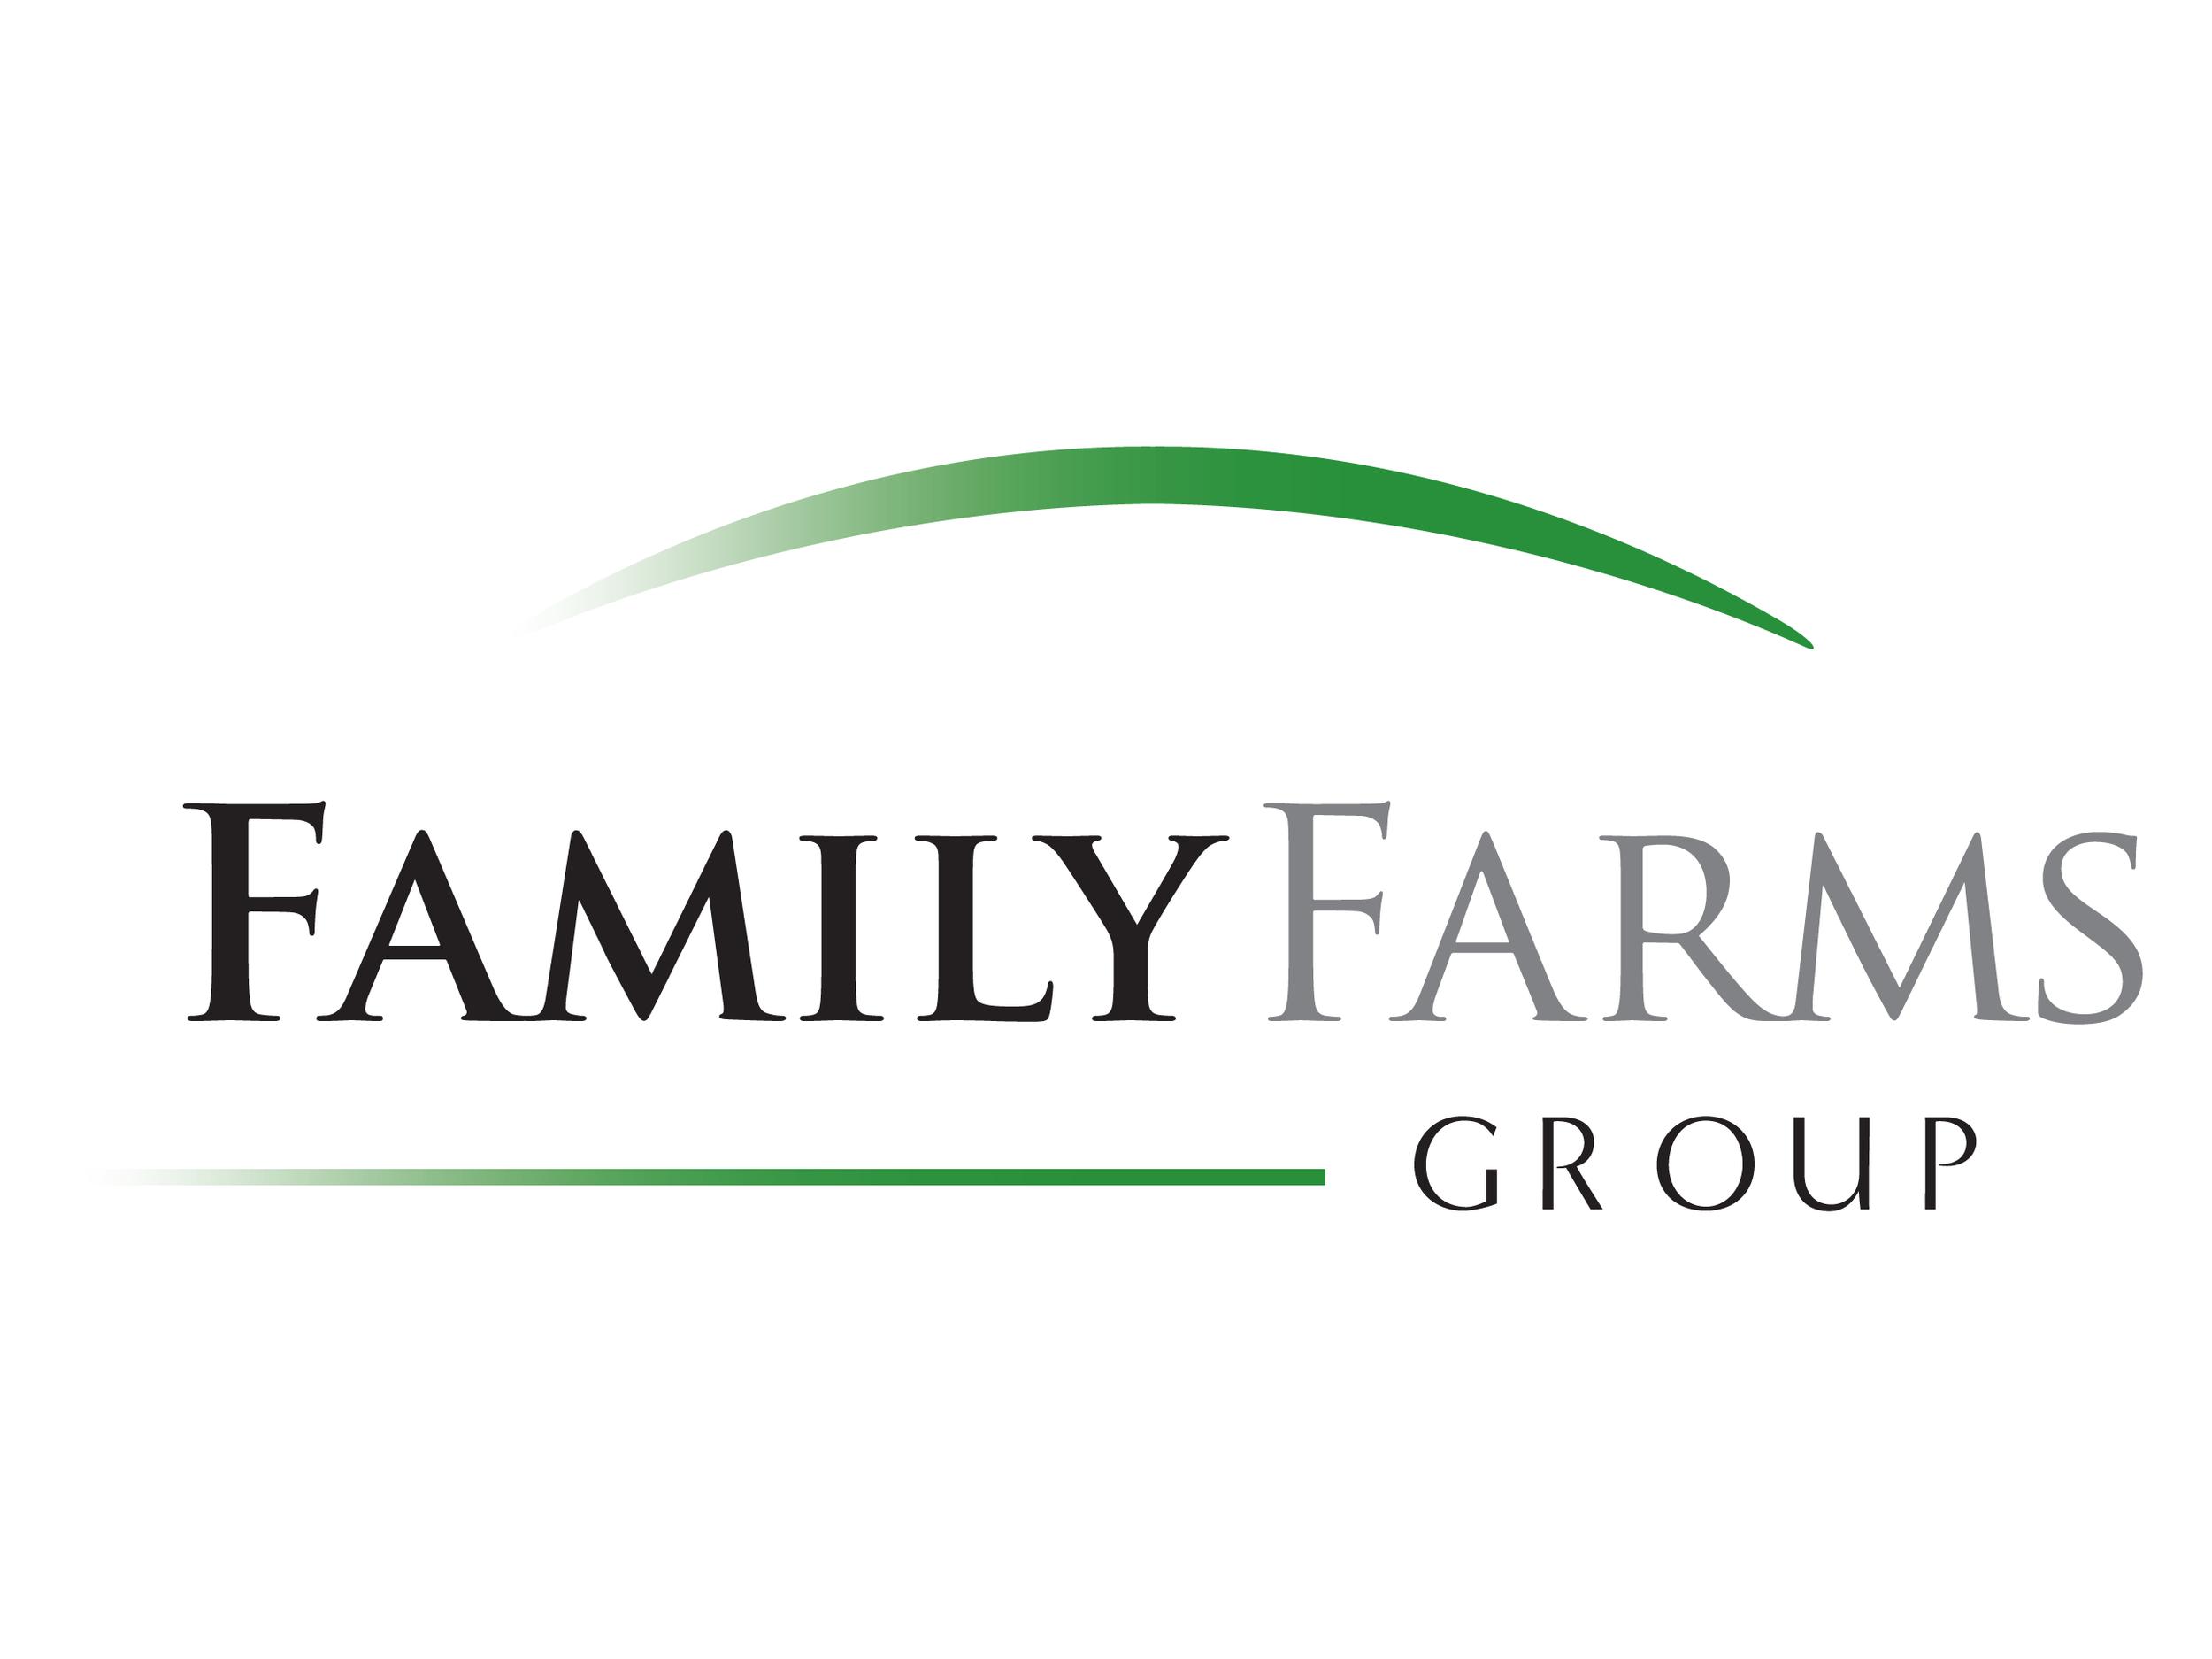 FamilyFarms Group.png